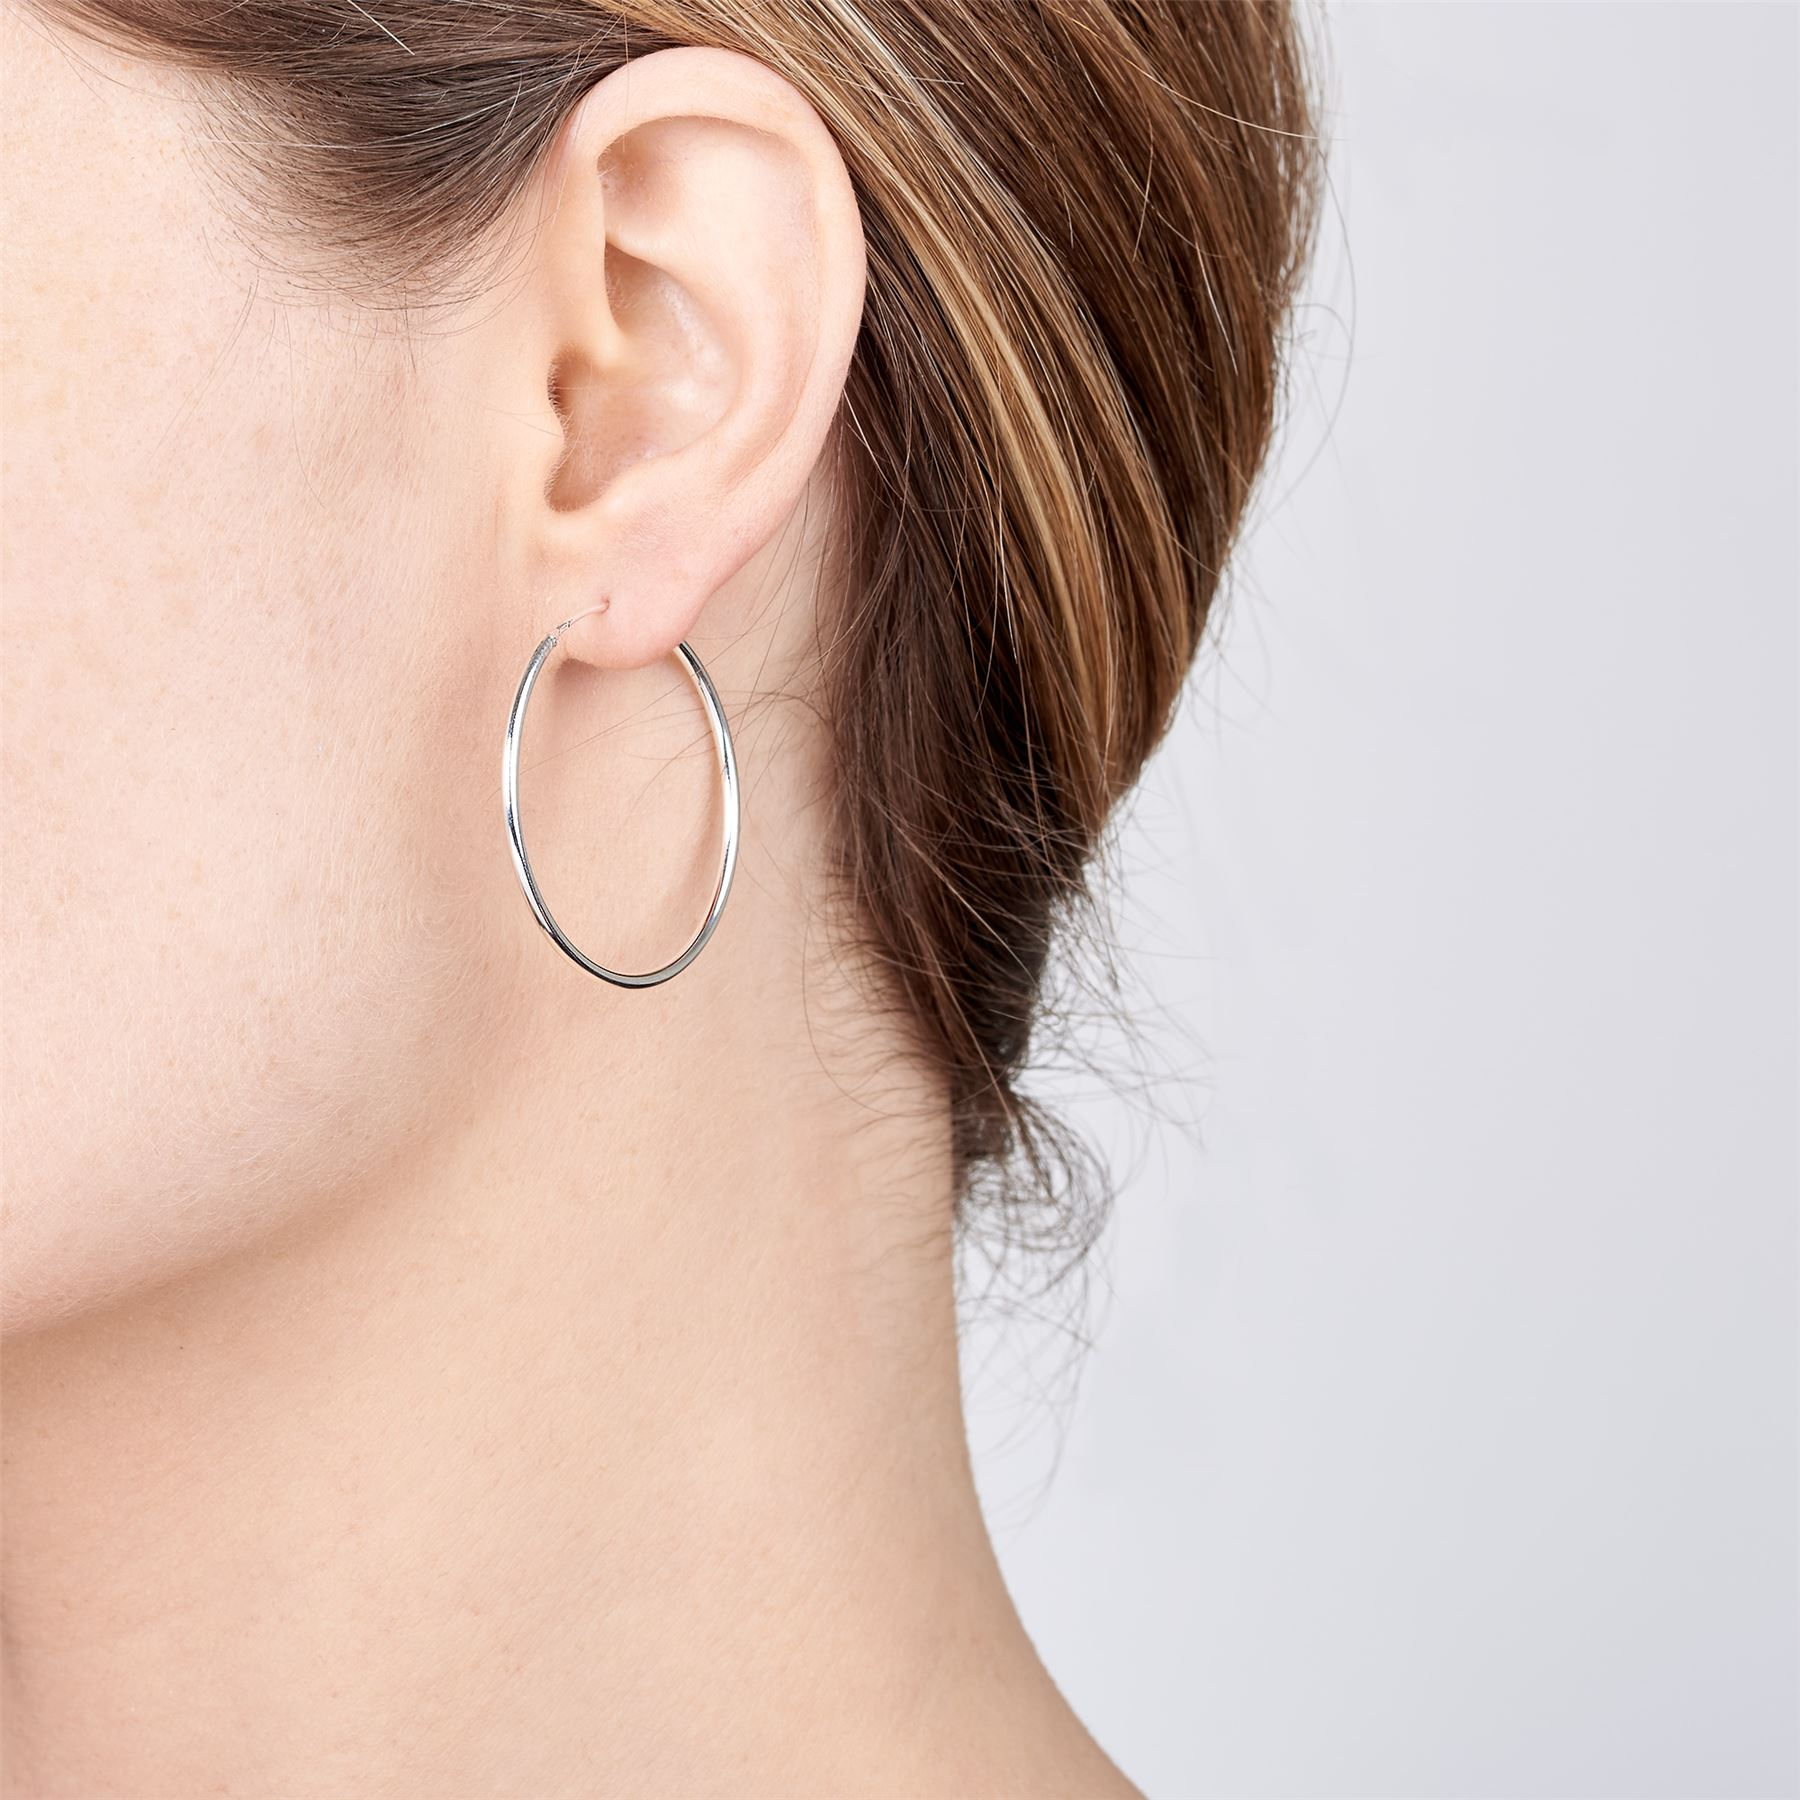 Amberta-Pendientes-para-Mujer-Aros-en-Plata-De-Ley-925-Autentica-Estilo-Clasico miniatura 28